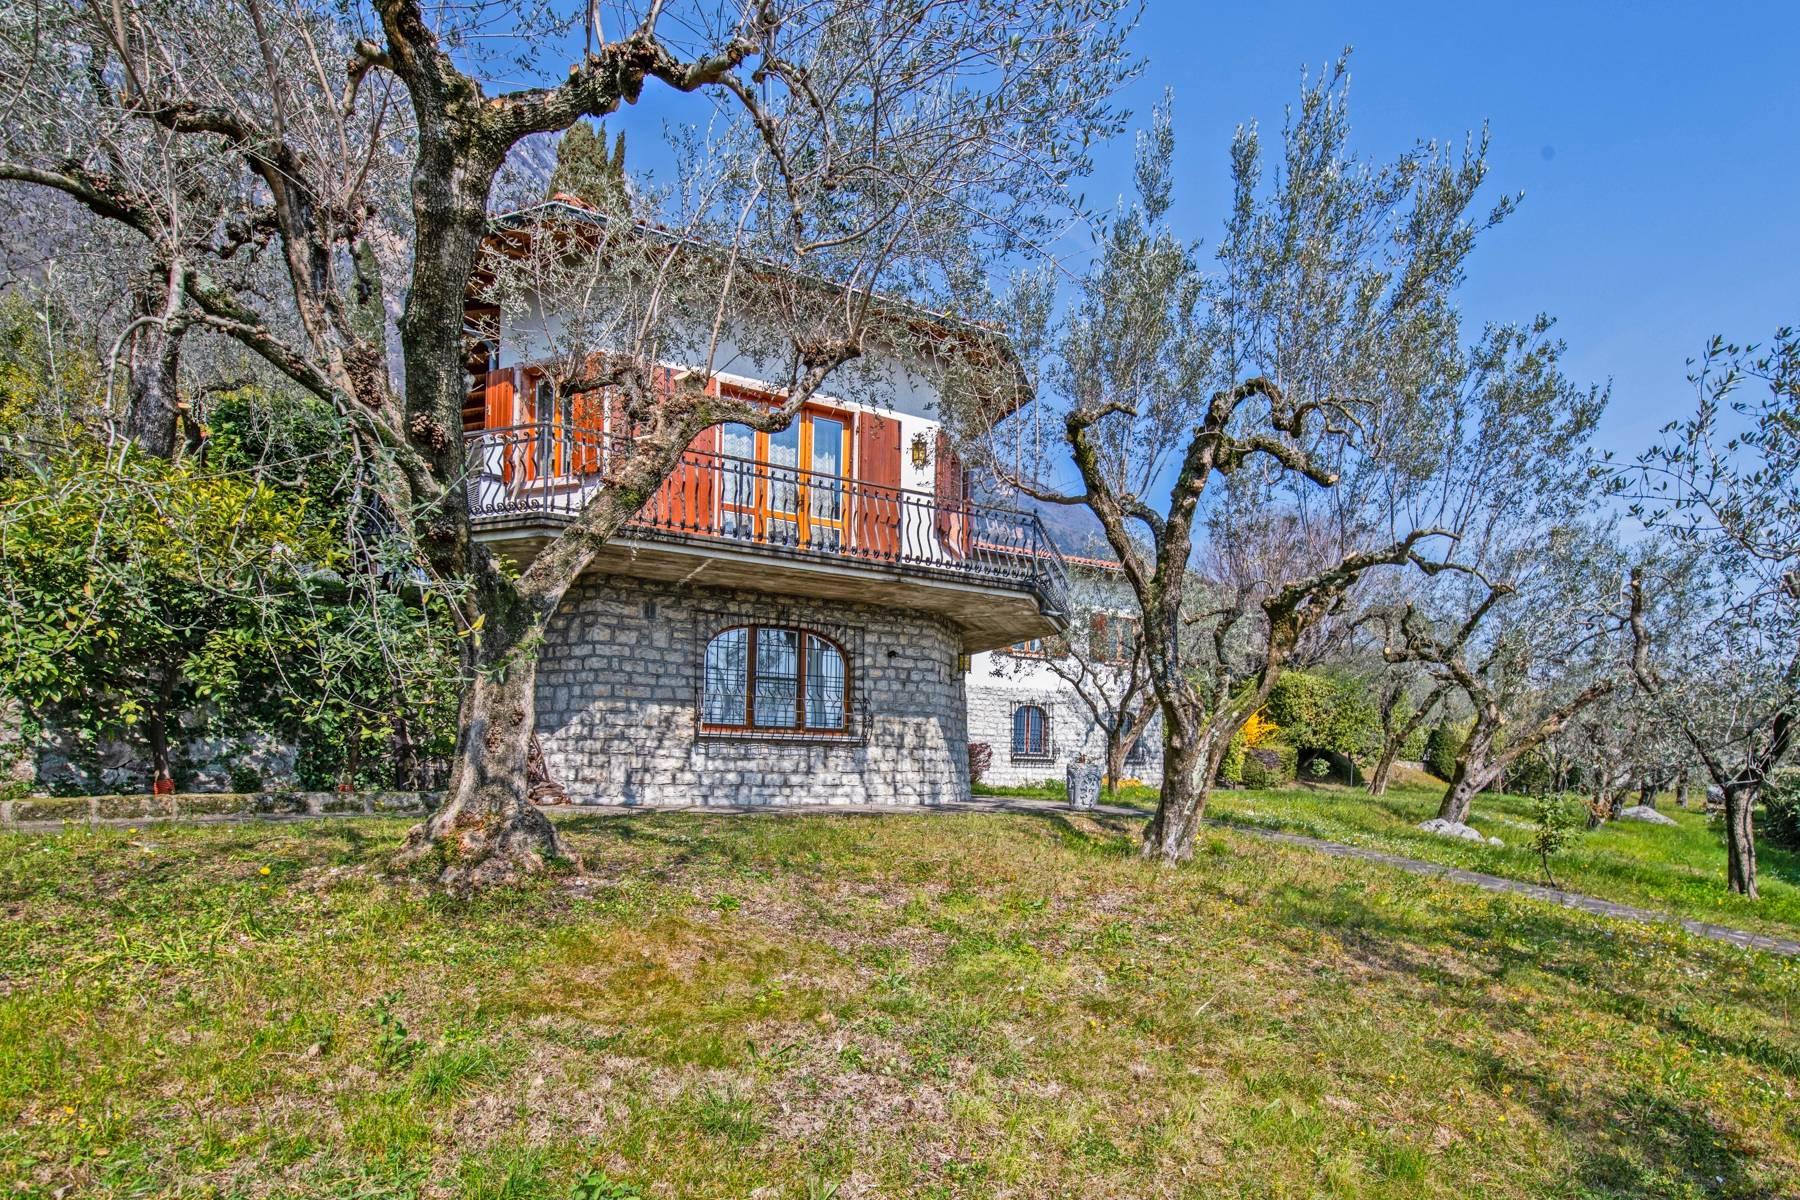 Villa in Vendita a Gargnano: 5 locali, 330 mq - Foto 28